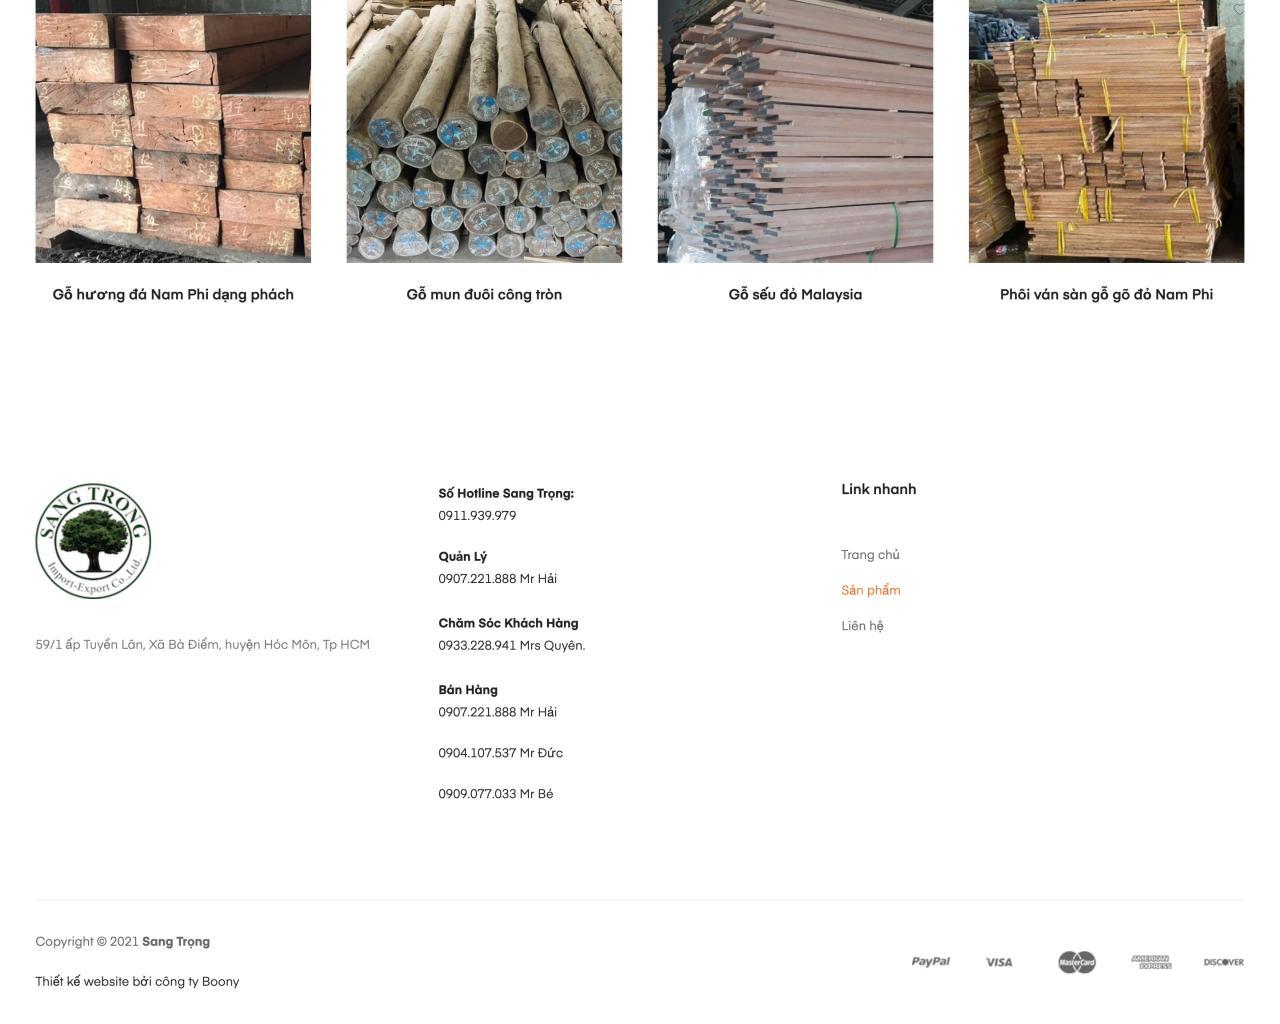 Website vật dụng trang trí nội thất - interior decoration-5